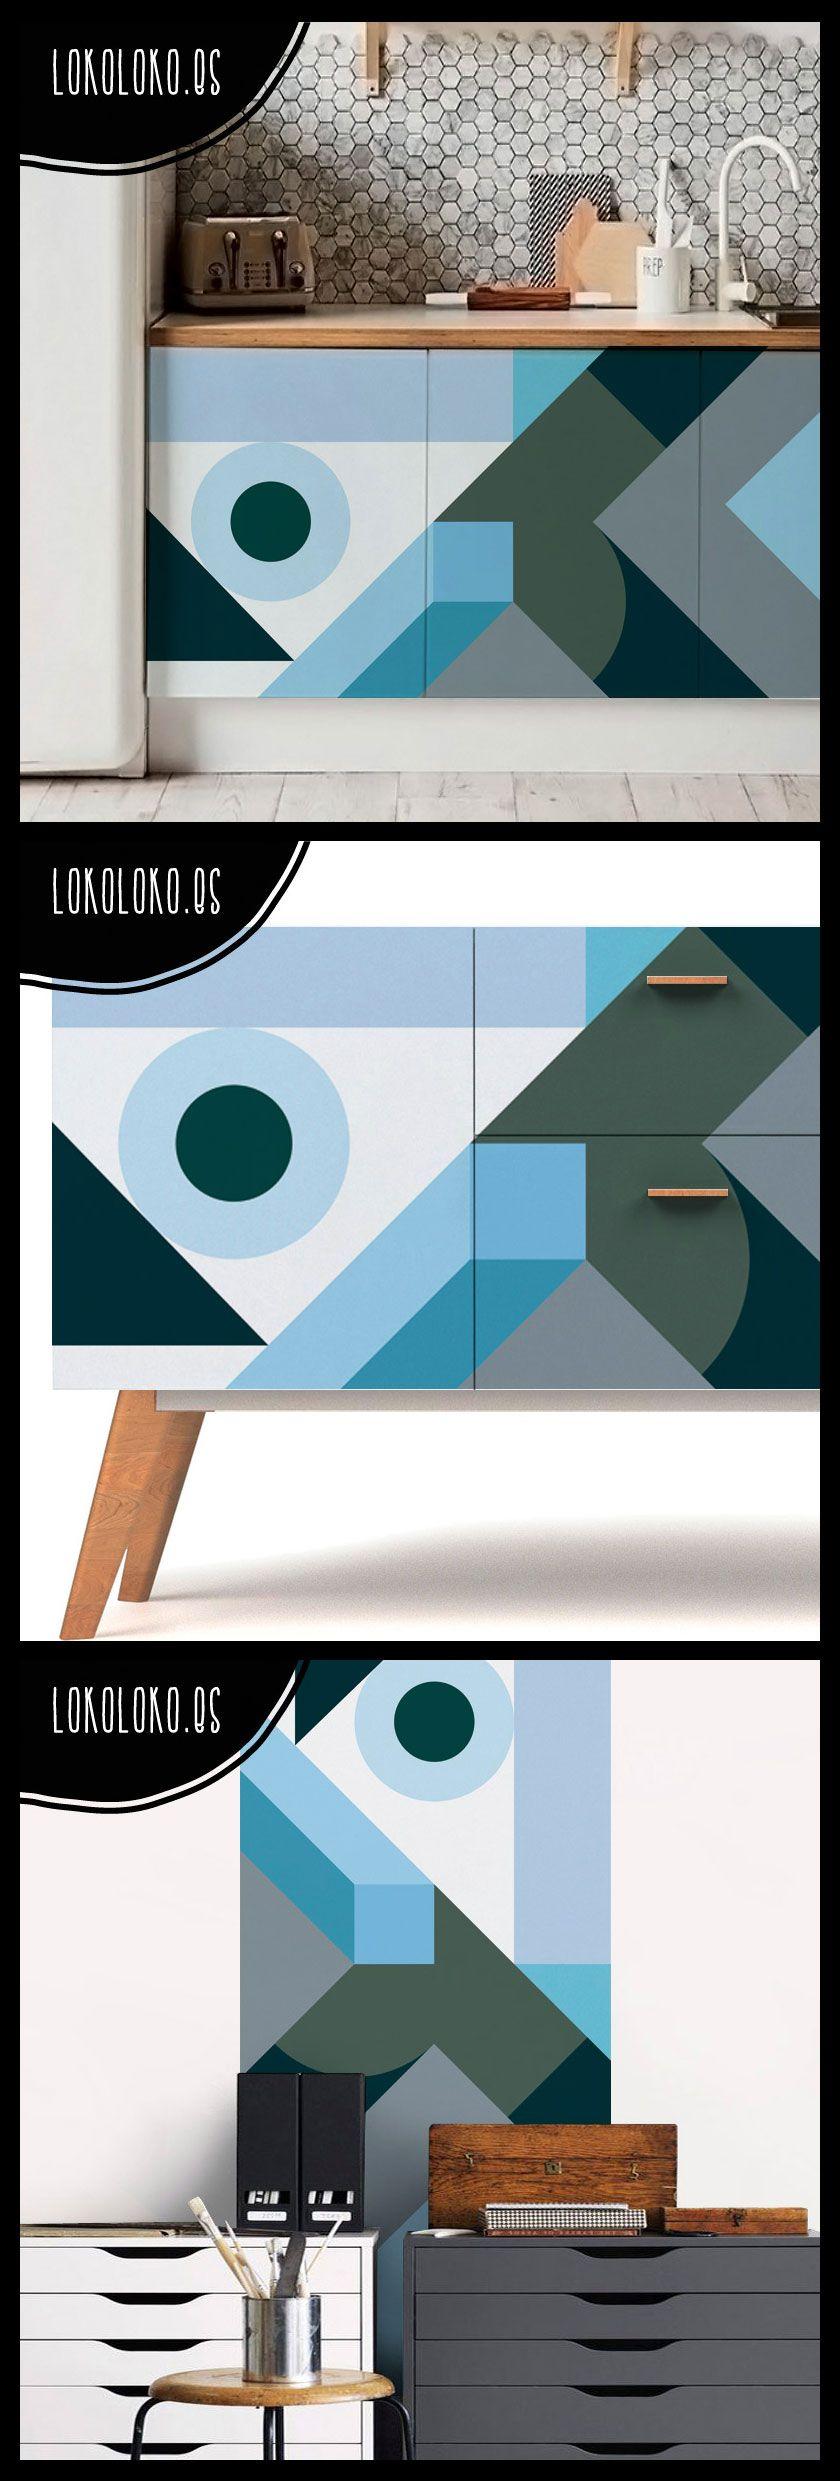 ¿Tus muebles necesitan un cambio de look? Echa un vistazo · #lokolokodecora